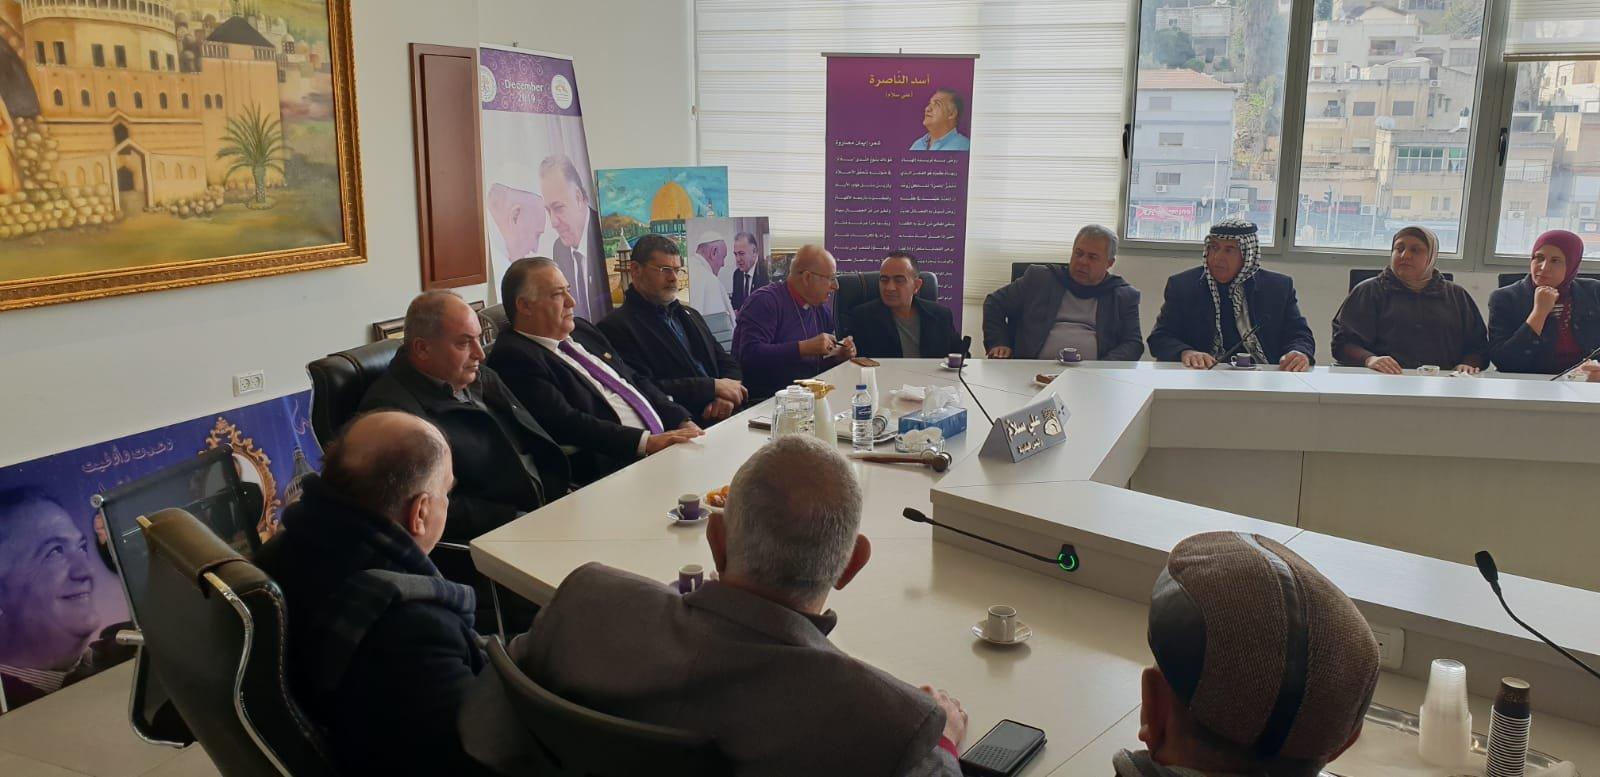 رئيس بلدية جنين فايز السعدي وأعضاء بلدية يزورون بلدية الناصرة-13